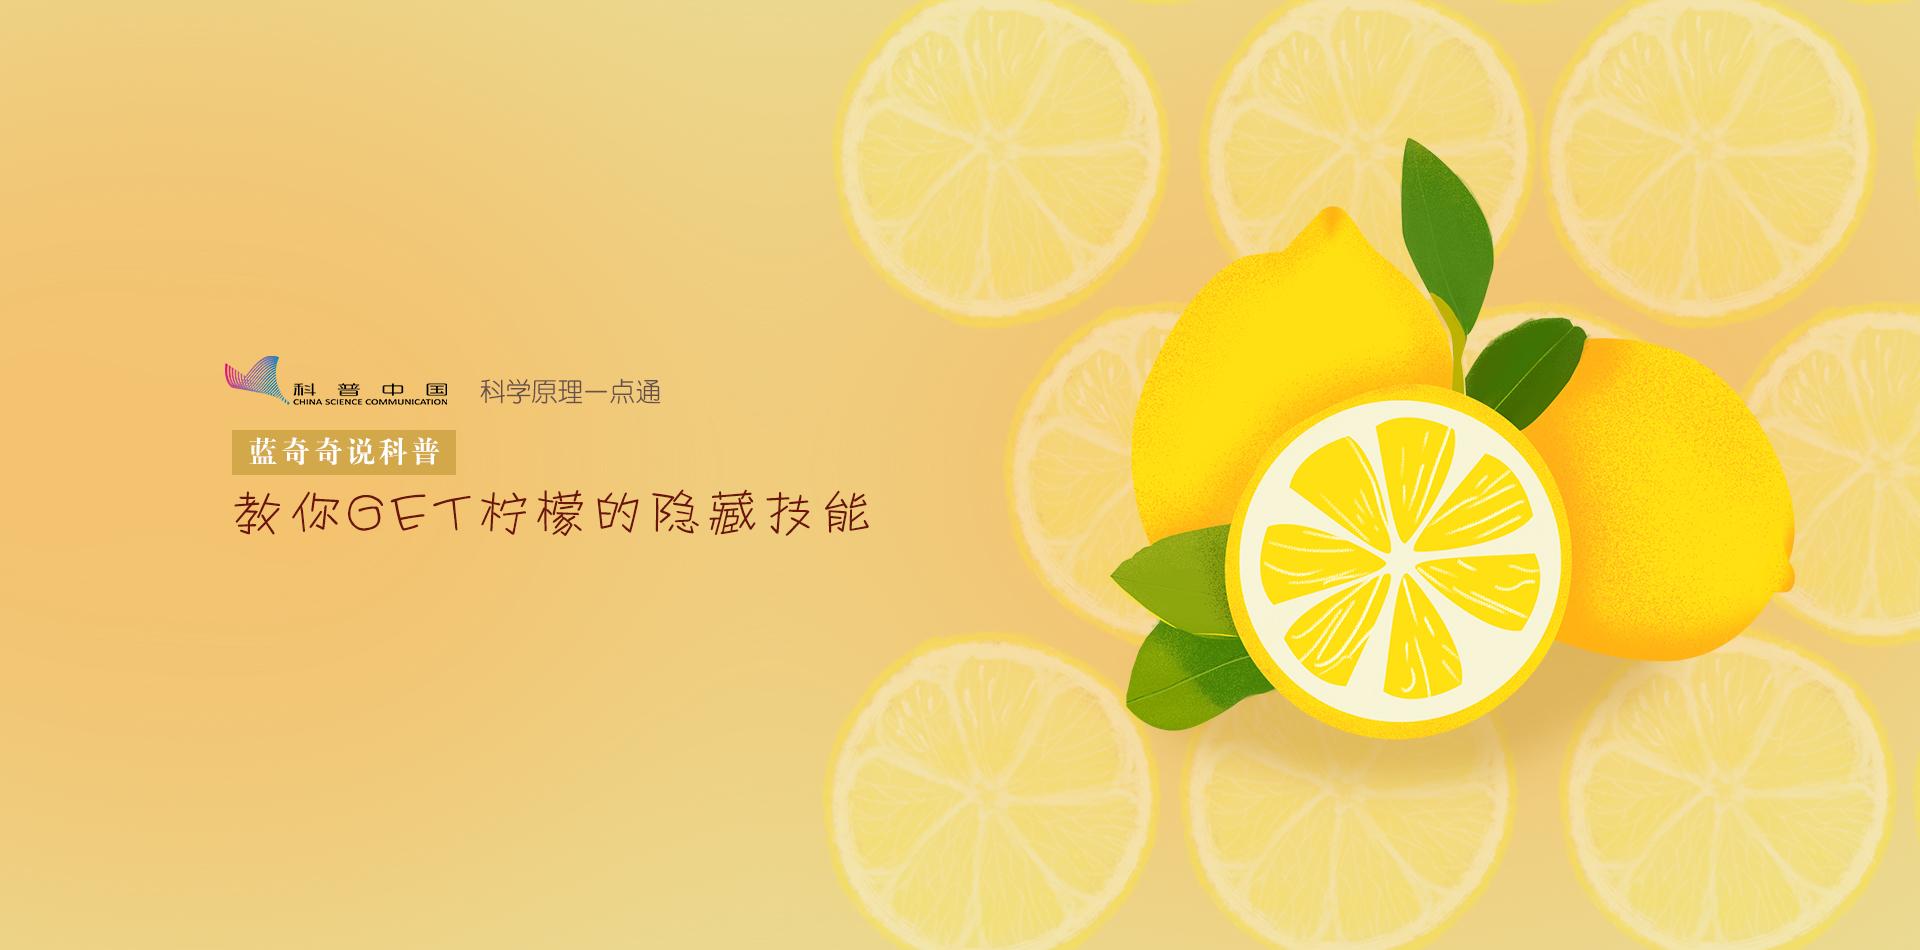 藍奇奇説科普——教你get檸檬的隱藏技能